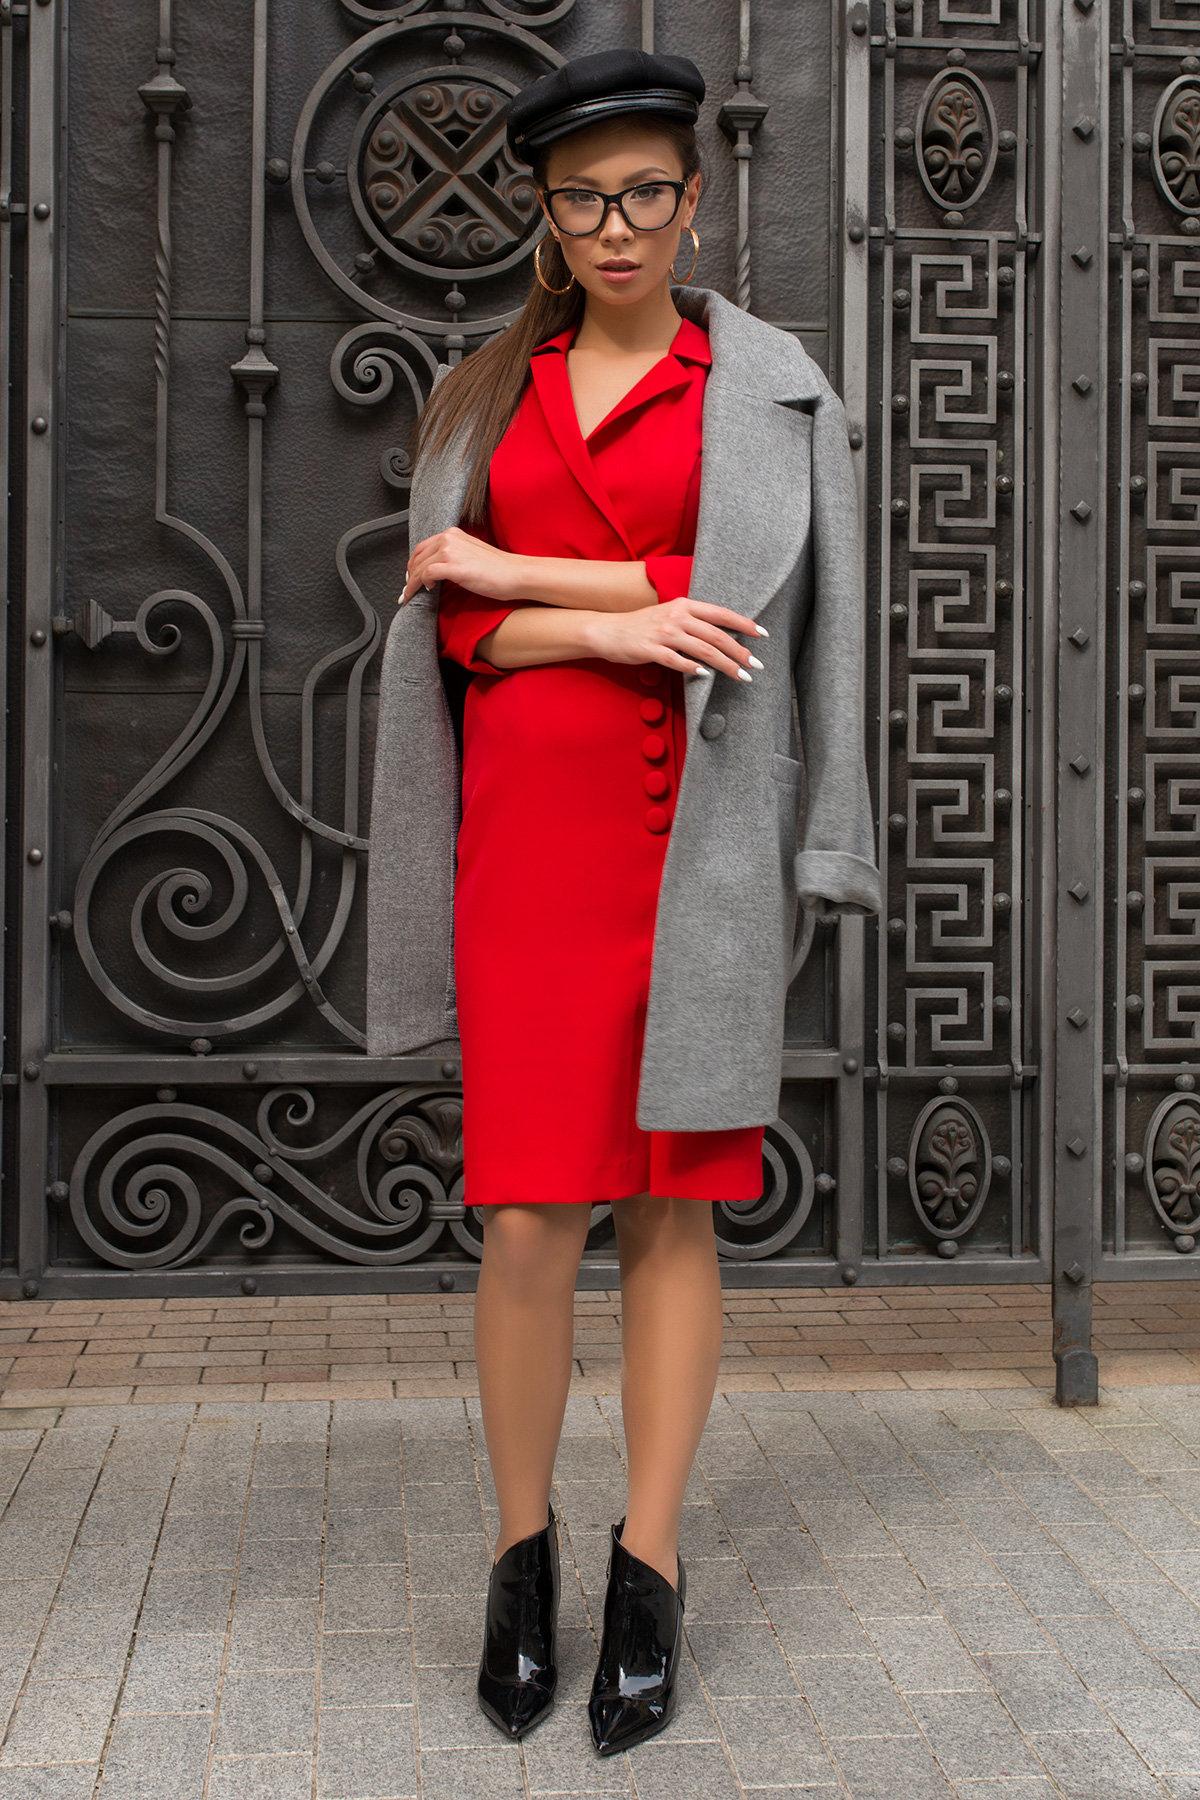 Элегантное платье Стрит 7833 АРТ. 43828 Цвет: Красный - фото 4, интернет магазин tm-modus.ru